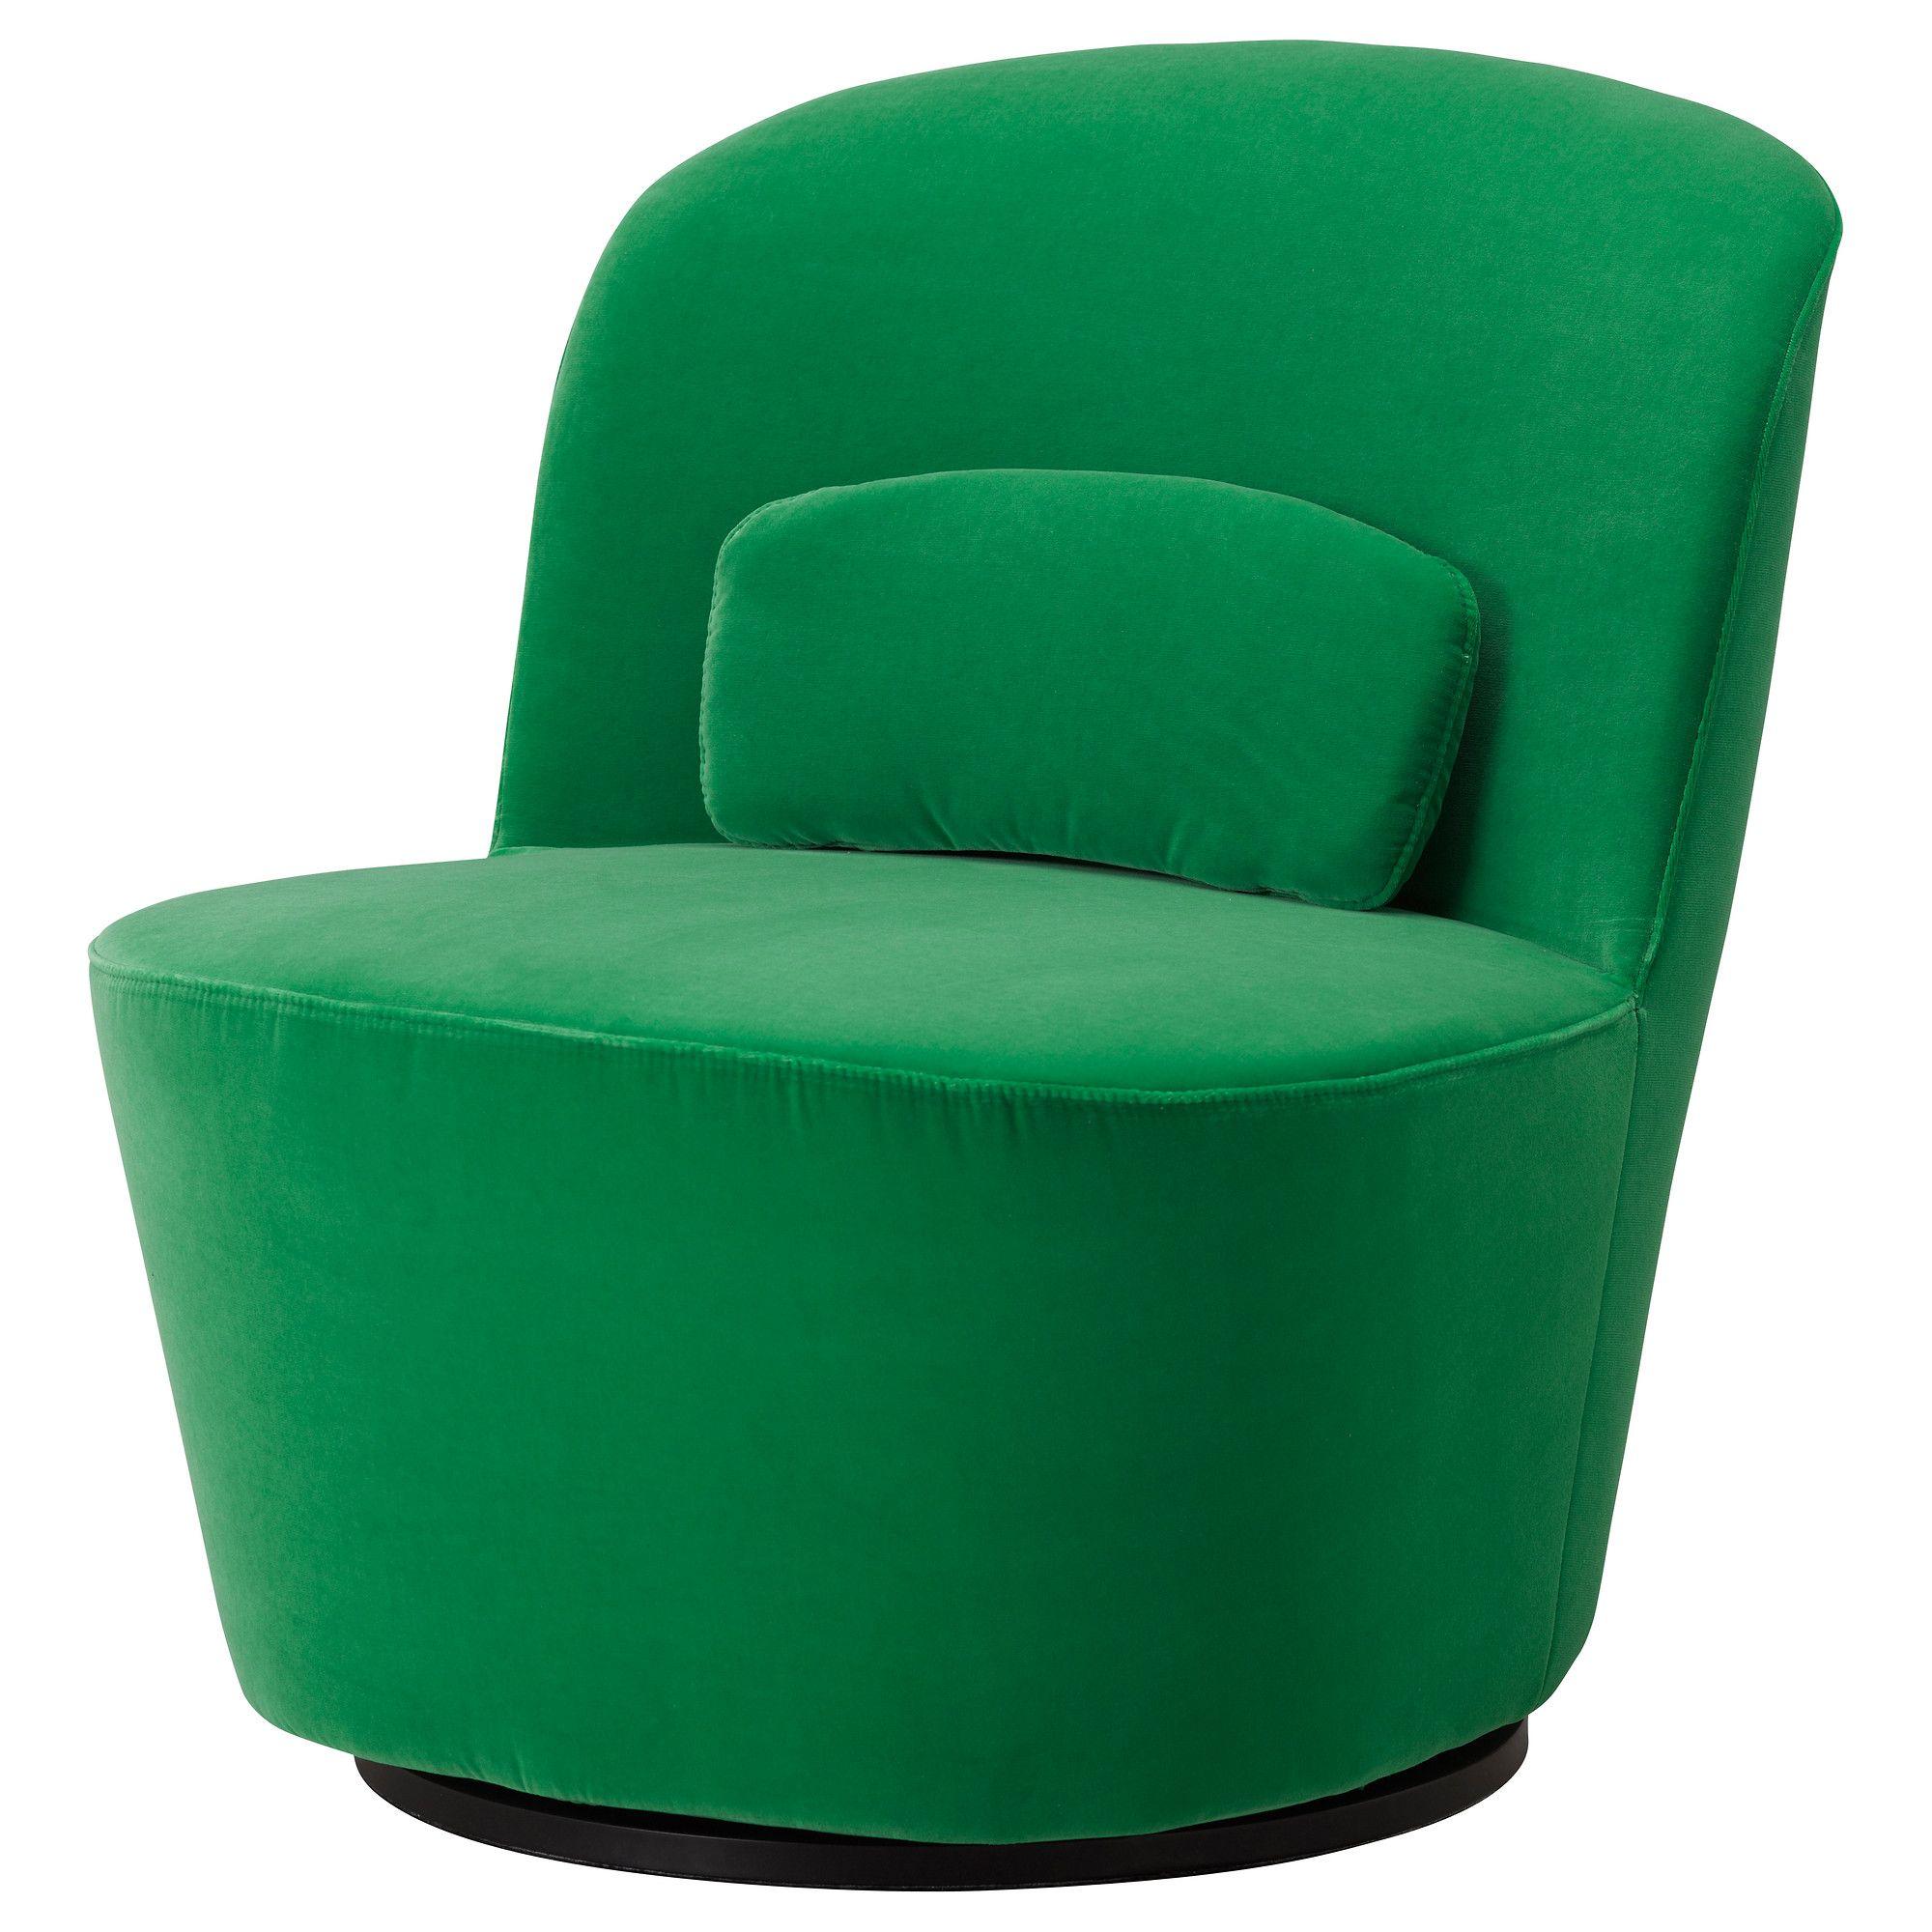 STOCKHOLM Draaifauteuil Sandbacka groen IKEA